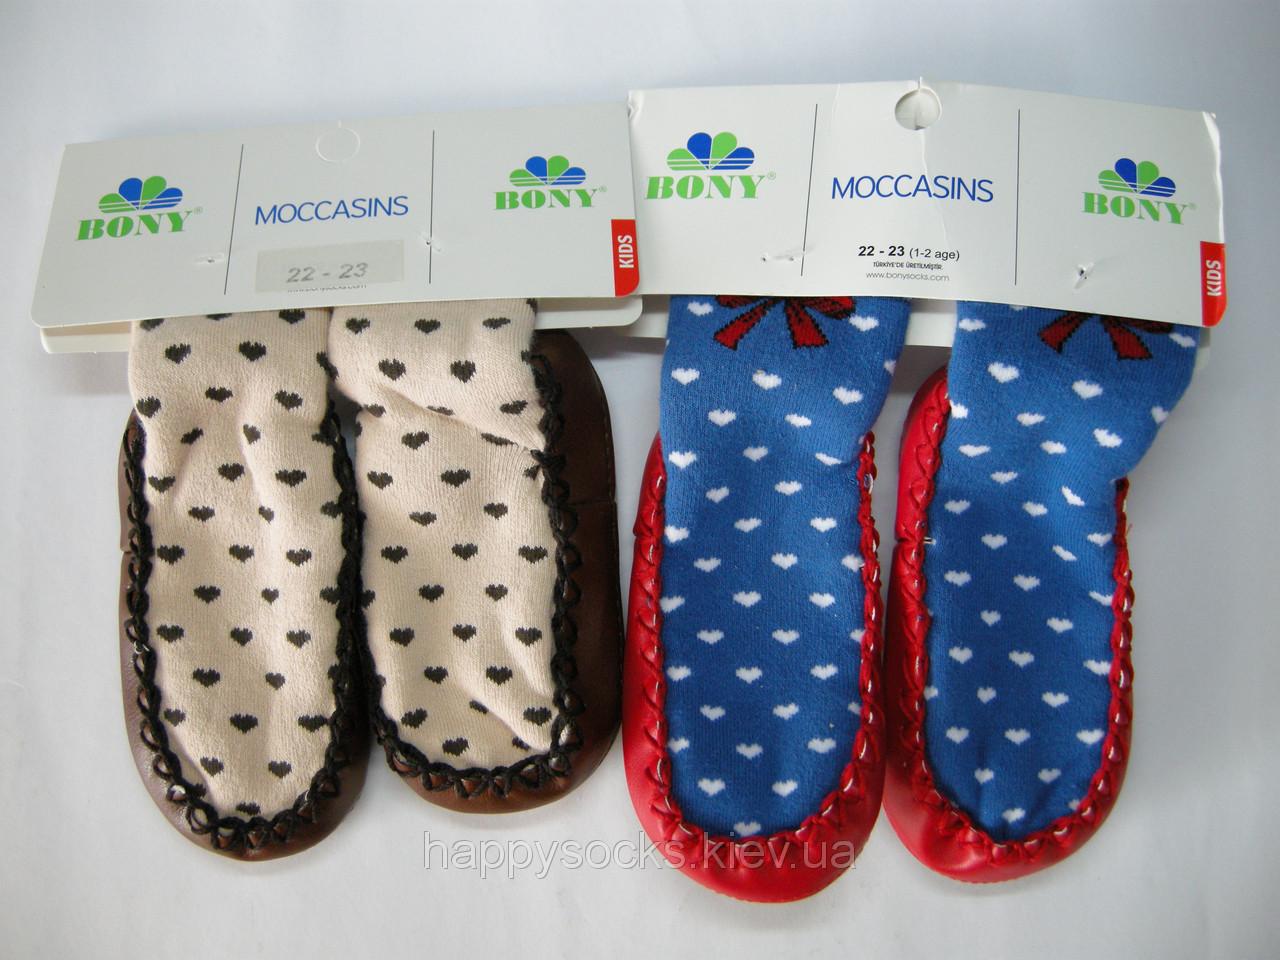 Носки, тапочки, колготки - Pijama ru